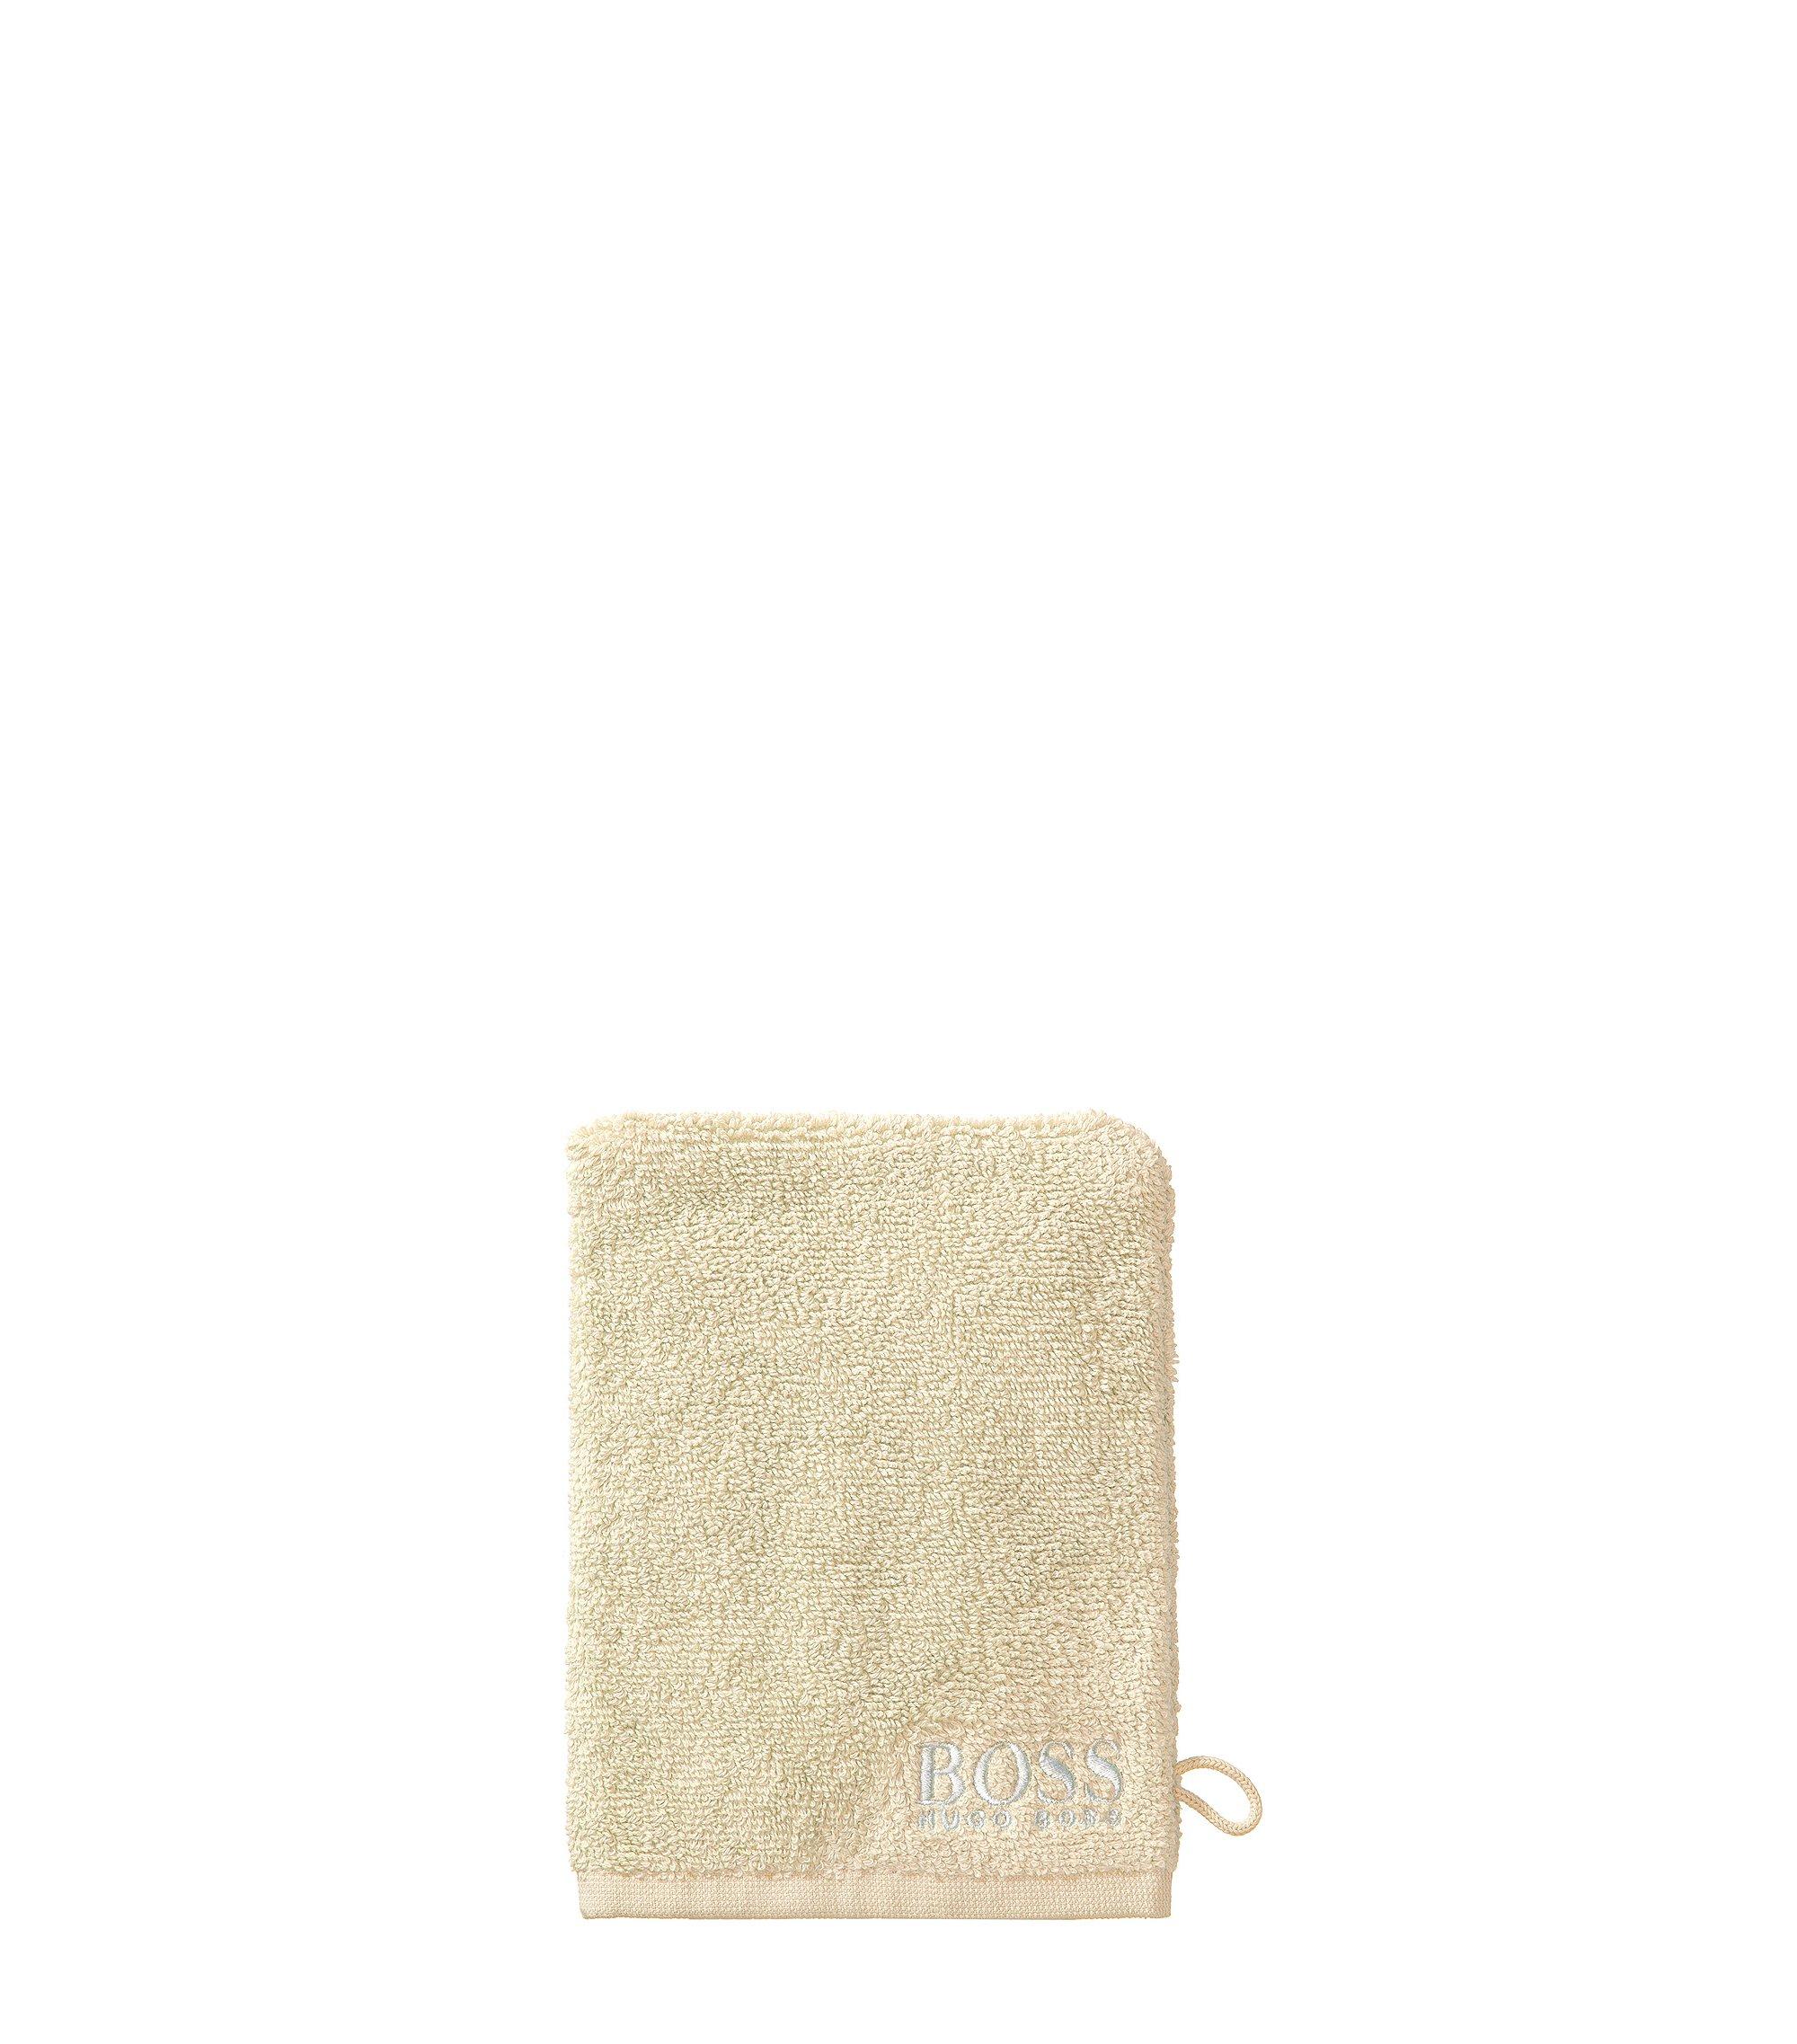 Manopola da bagno in raffinato cotone egiziano con logo ricamato a contrasto, Beige chiaro